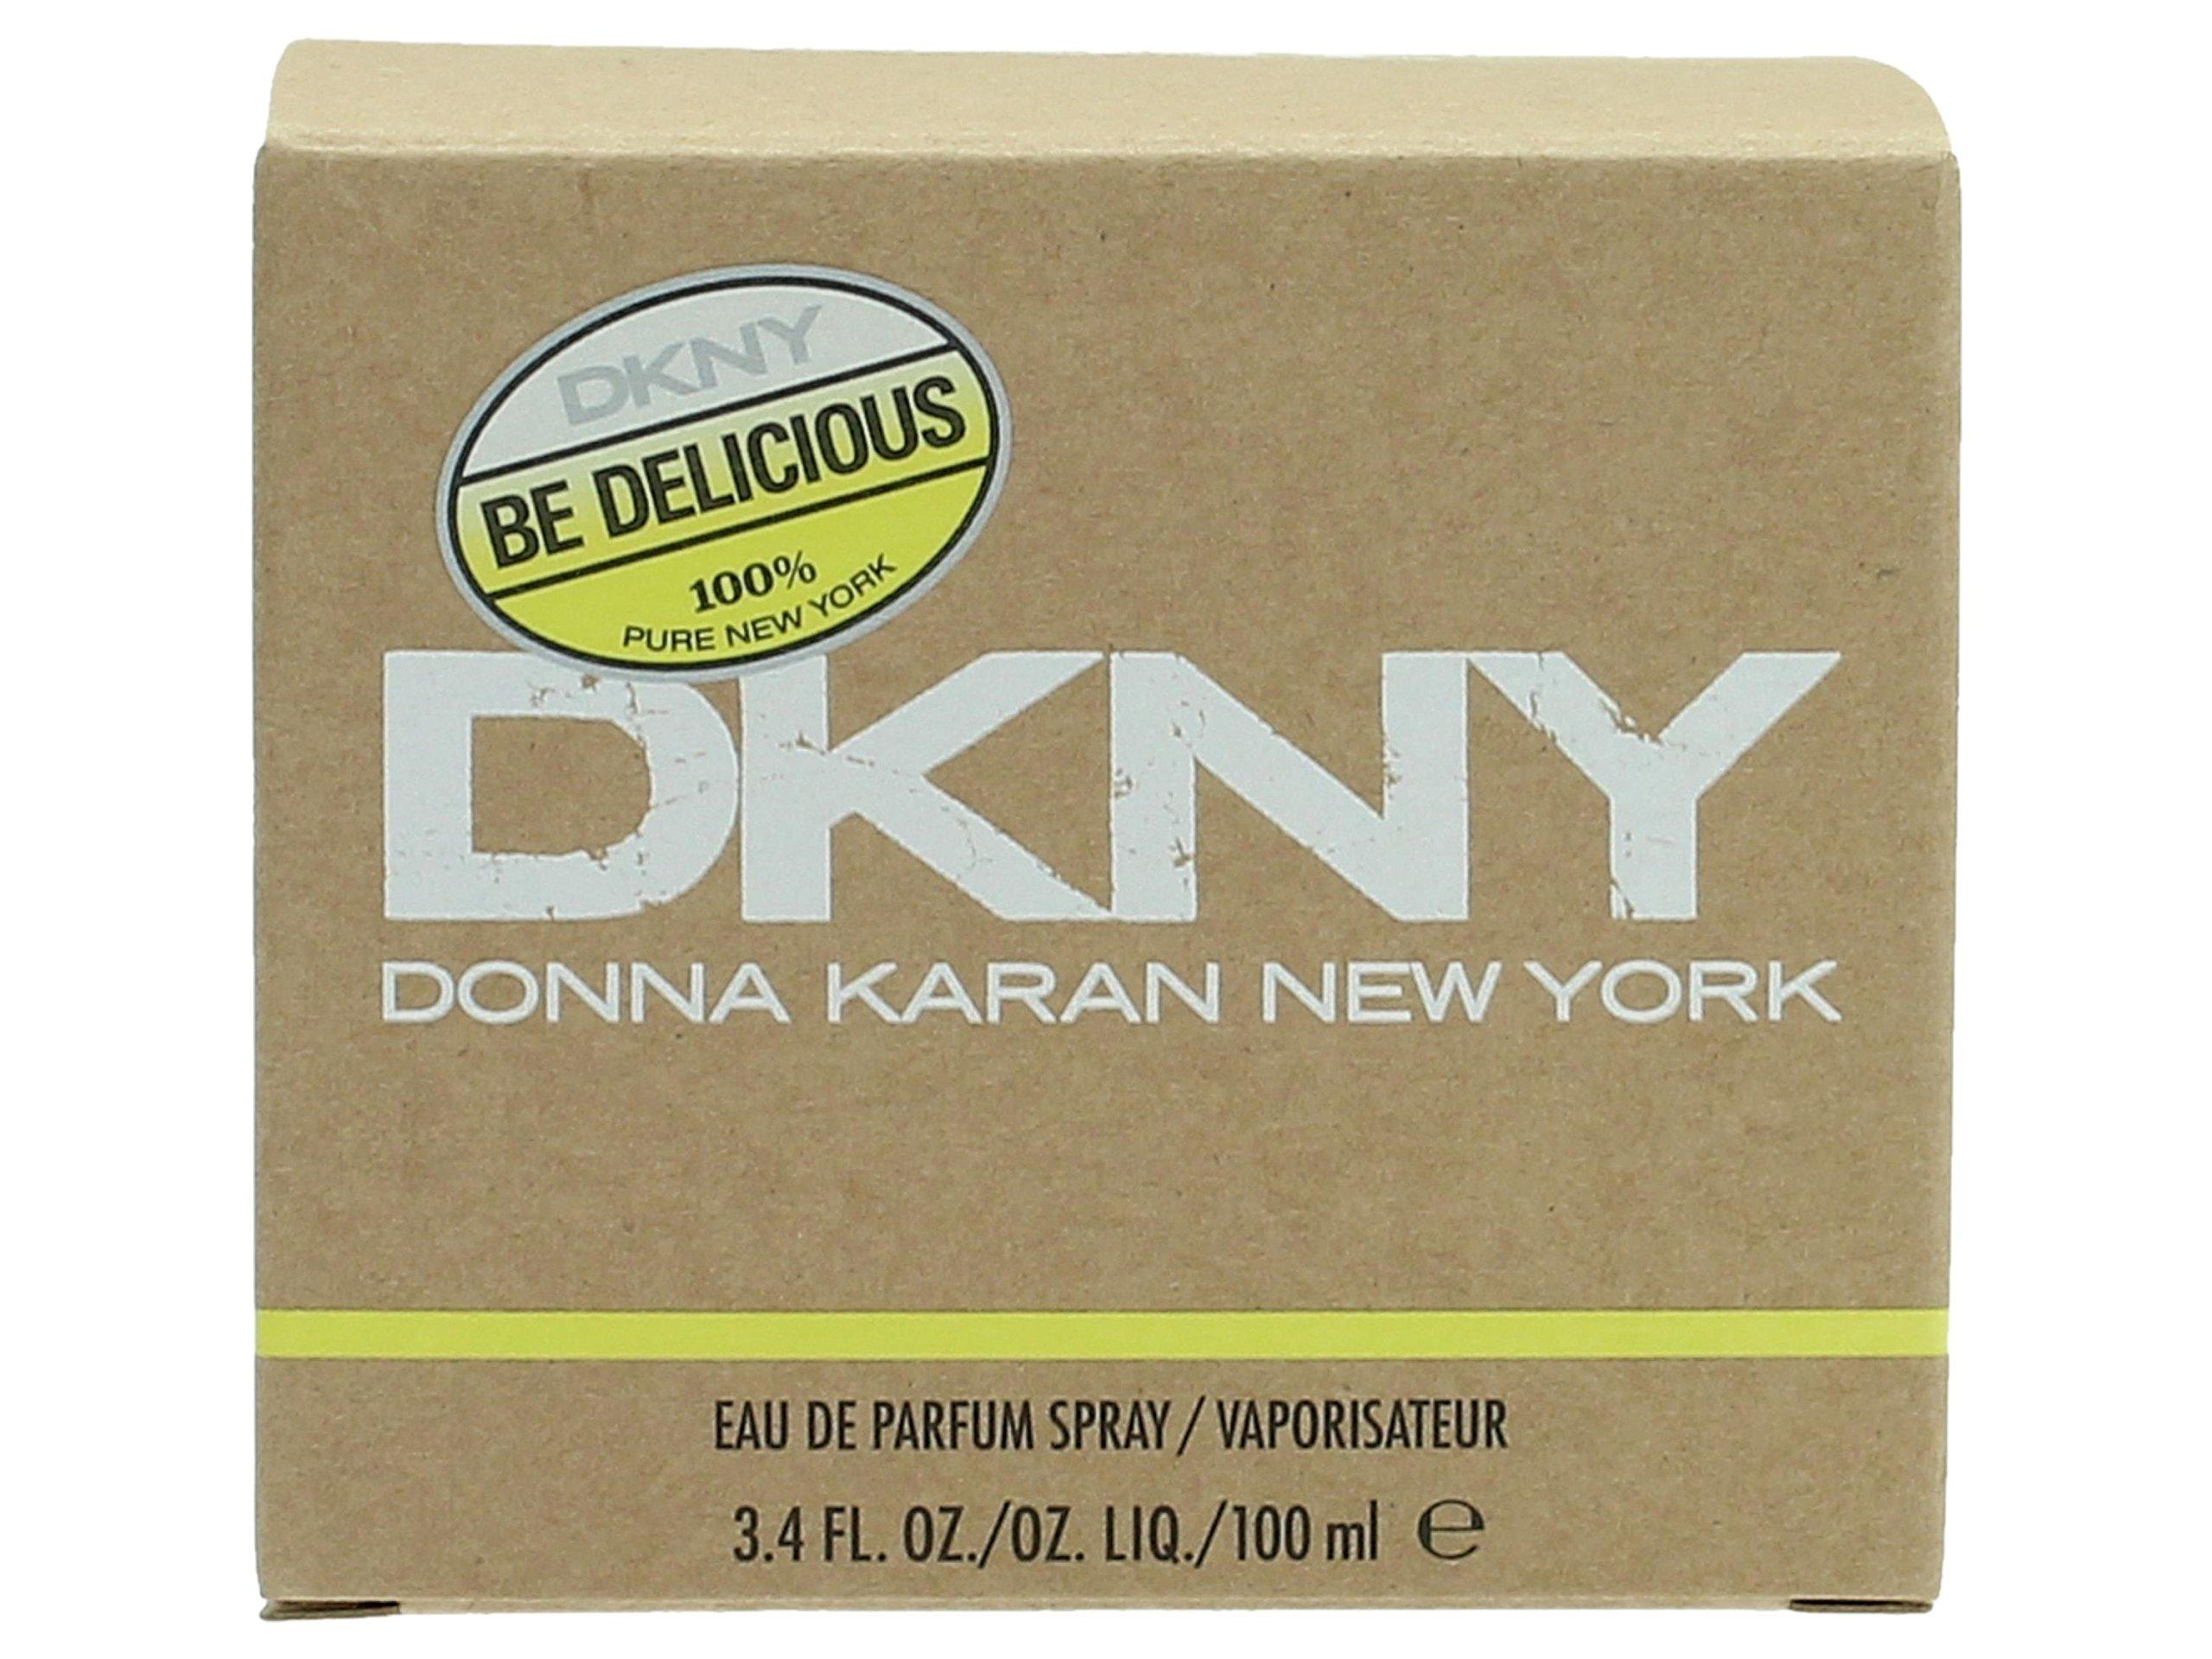 DKNY Be Delicious para mujeres de mujer Karan – 50 ml Eau de Parfum Spray